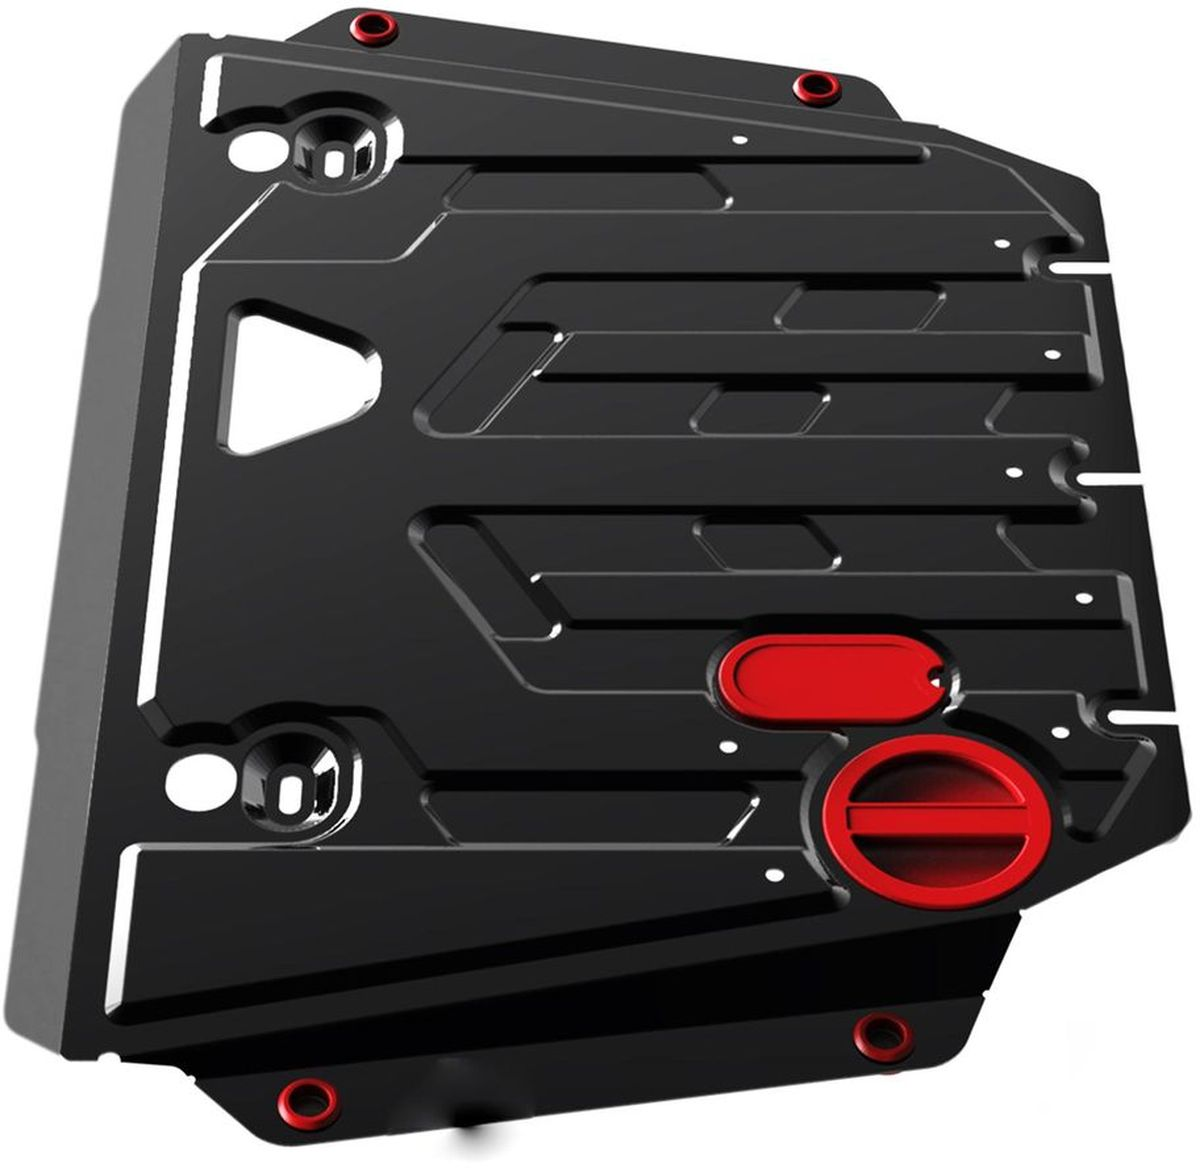 Защита картера и КПП Автоброня Fiat Grande Punto 2006-/Fiat Punto 2005-, сталь 2 мм1.01703.1Защита картера и КПП Автоброня для Fiat Grande Punto, V - 1,4 2006-/Fiat Punto, V - 1,4 2005-, сталь 2 мм, штатный крепеж, 1.01703.1Стальные защиты Автоброня надежно защищают ваш автомобиль от повреждений при наезде на бордюры, выступающие канализационные люки, кромки поврежденного асфальта или при ремонте дорог, не говоря уже о загородных дорогах.- Имеют оптимальное соотношение цена-качество.- Спроектированы с учетом особенностей автомобиля, что делает установку удобной.- Защита устанавливается в штатные места кузова автомобиля.- Является надежной защитой для важных элементов на протяжении долгих лет.- Глубокий штамп дополнительно усиливает конструкцию защиты.- Подштамповка в местах крепления защищает крепеж от срезания.- Технологические отверстия там, где они необходимы для смены масла и слива воды, оборудованные заглушками, закрепленными на защите.Толщина стали 2 мм.В комплекте инструкция по установке.При установке используется штатный крепеж автомобиля.Уважаемые клиенты!Обращаем ваше внимание на тот факт, что защита имеет форму, соответствующую модели данного автомобиля. Наличие глубокого штампа и лючков для смены фильтров/масла предусмотрено не на всех защитах. Фото служит для визуального восприятия товара.